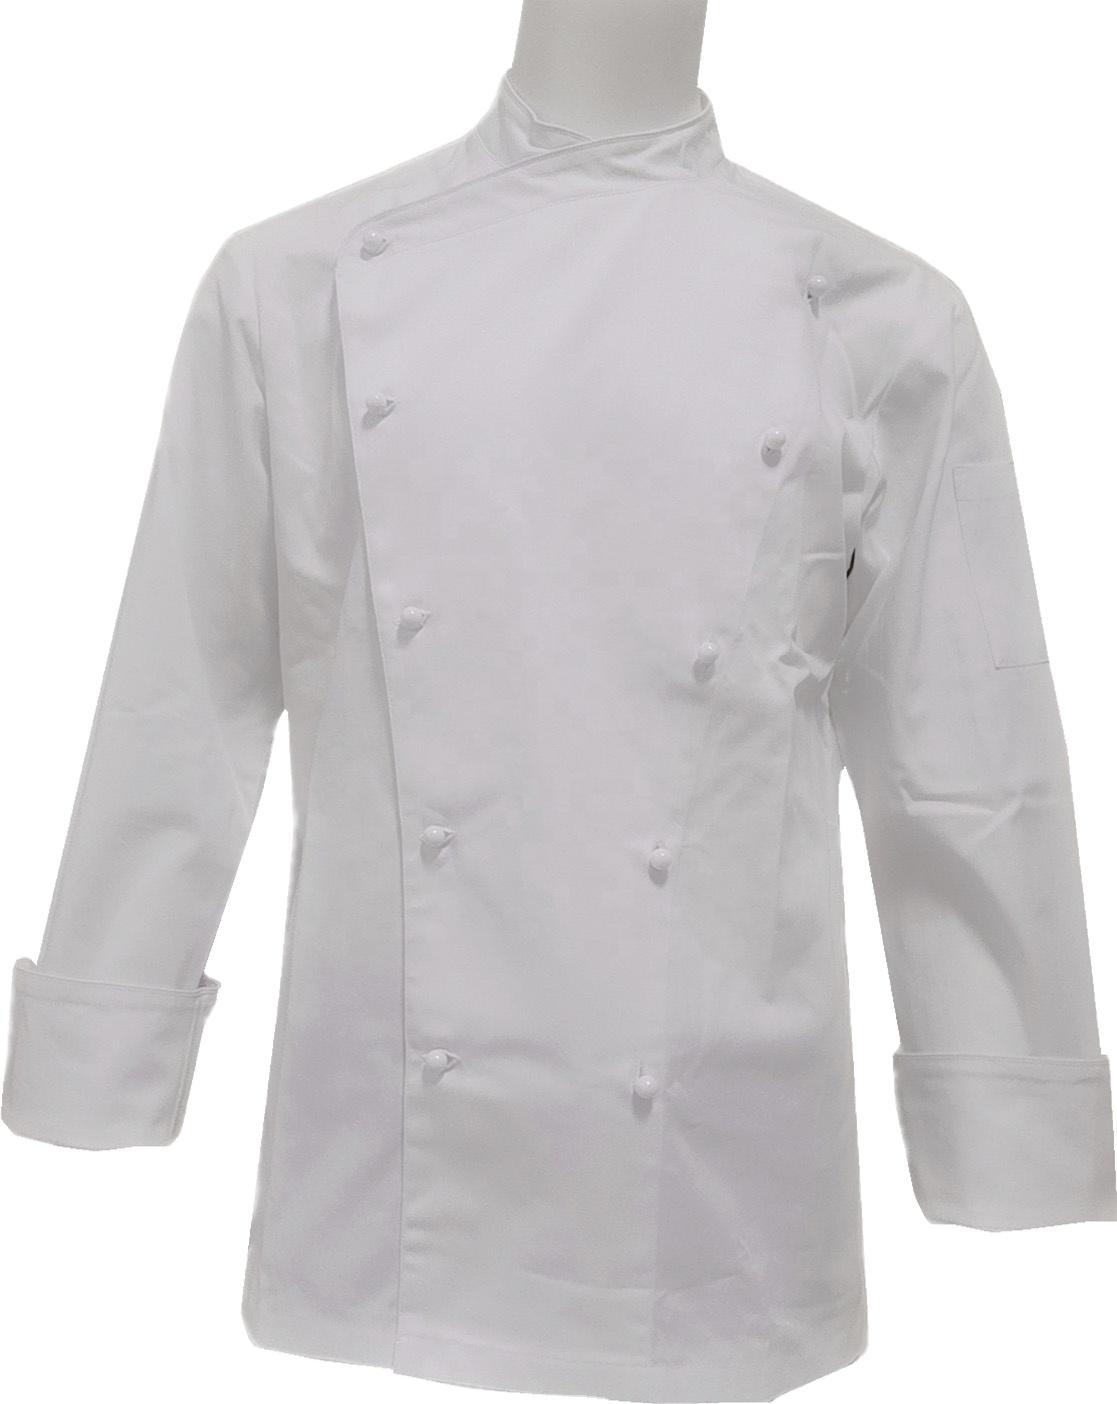 Şef üniforma garson ceket ceketler birçok renk siyah beyaz Xxl pamuk Unisex Oem ürün